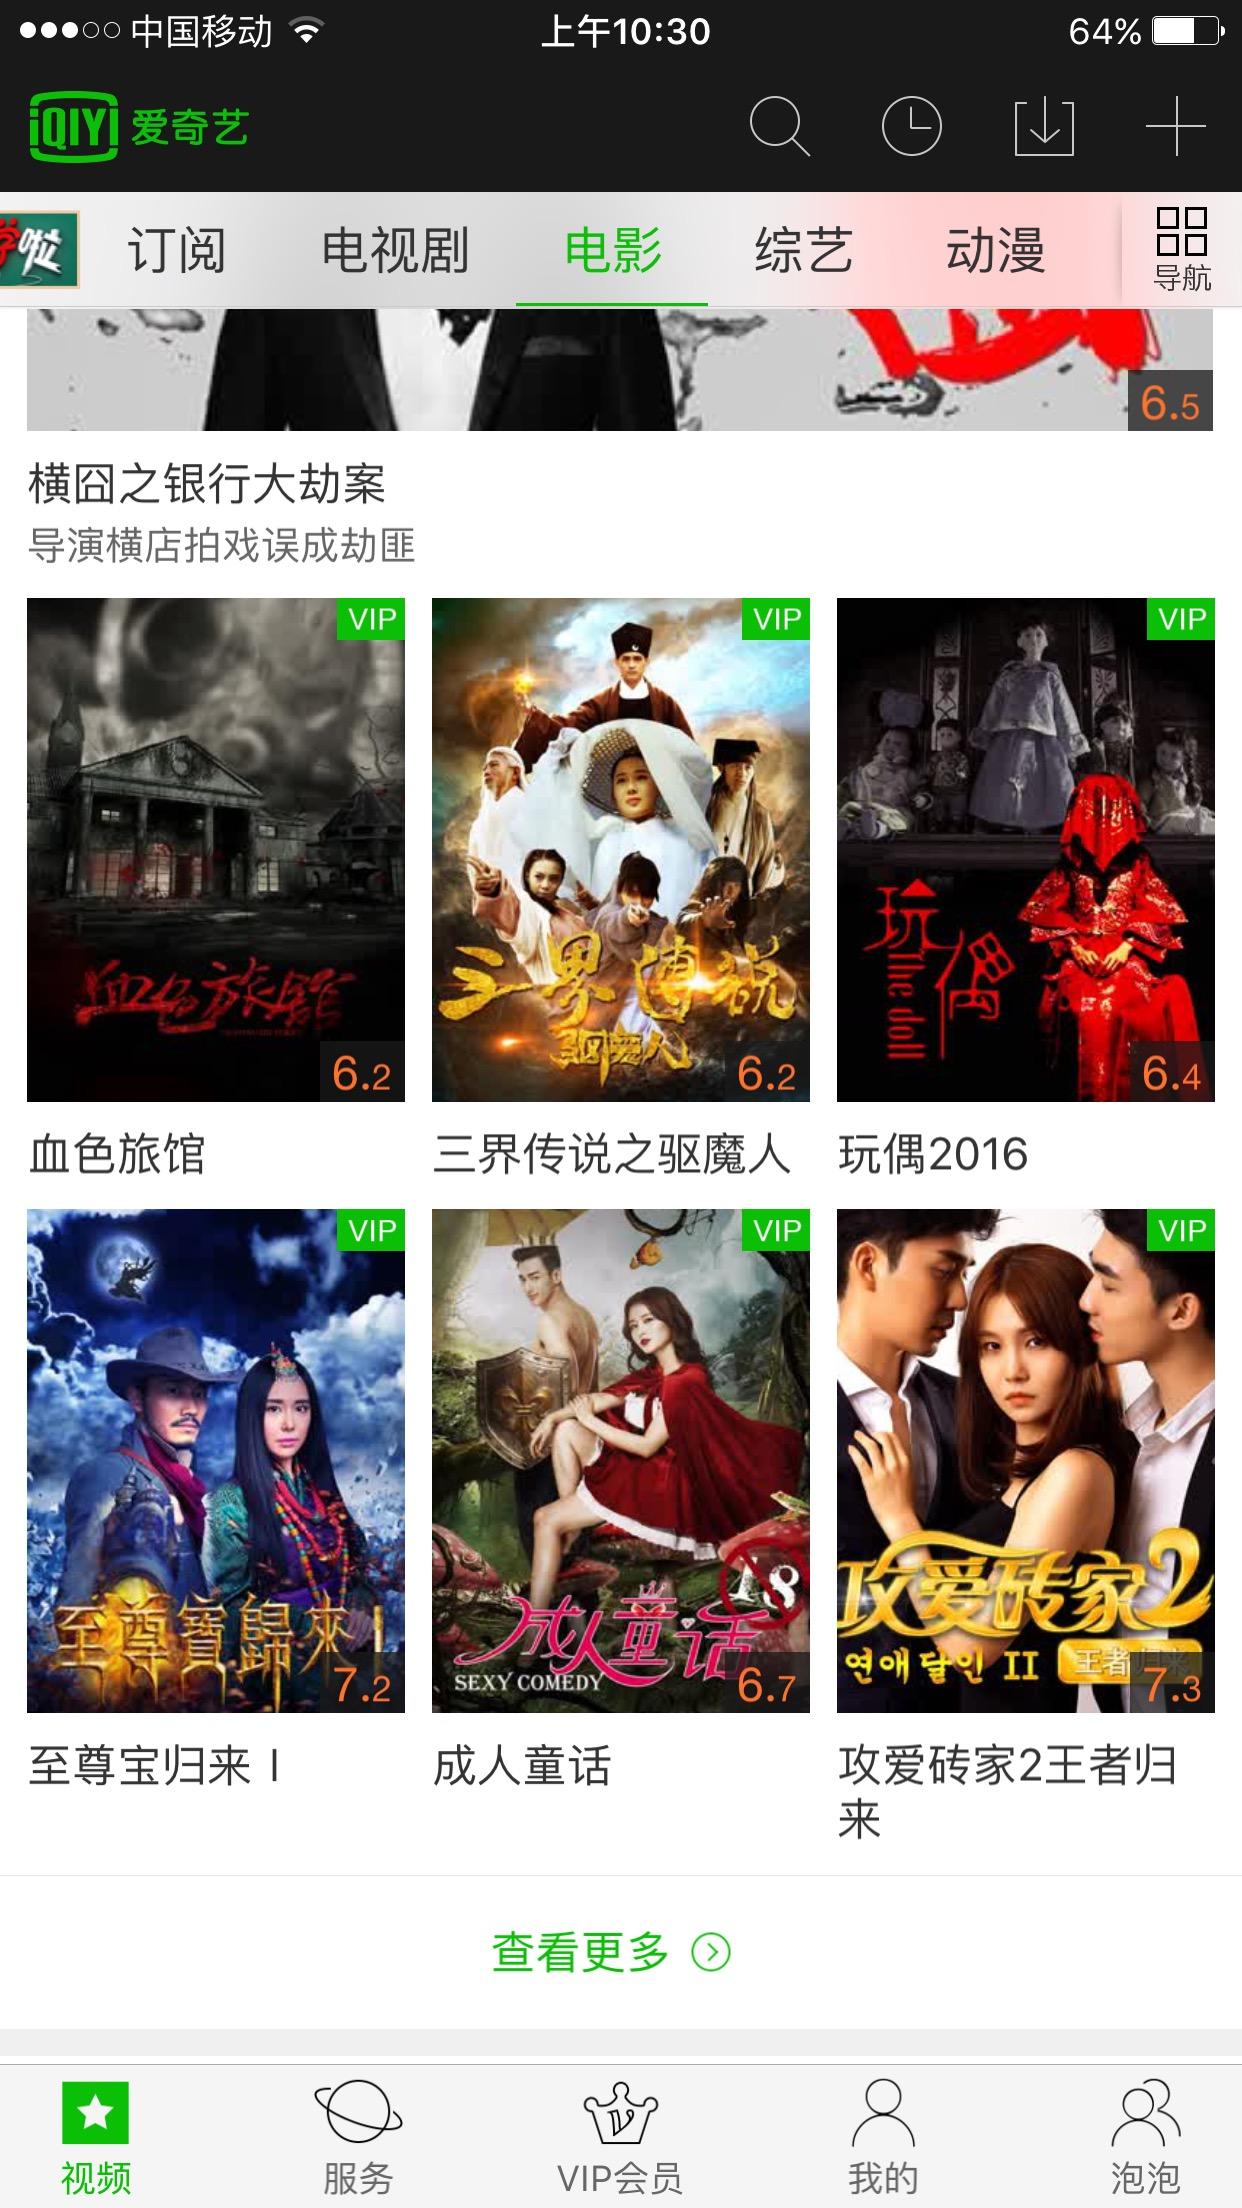 爱奇艺app电影频道网络大电影推荐